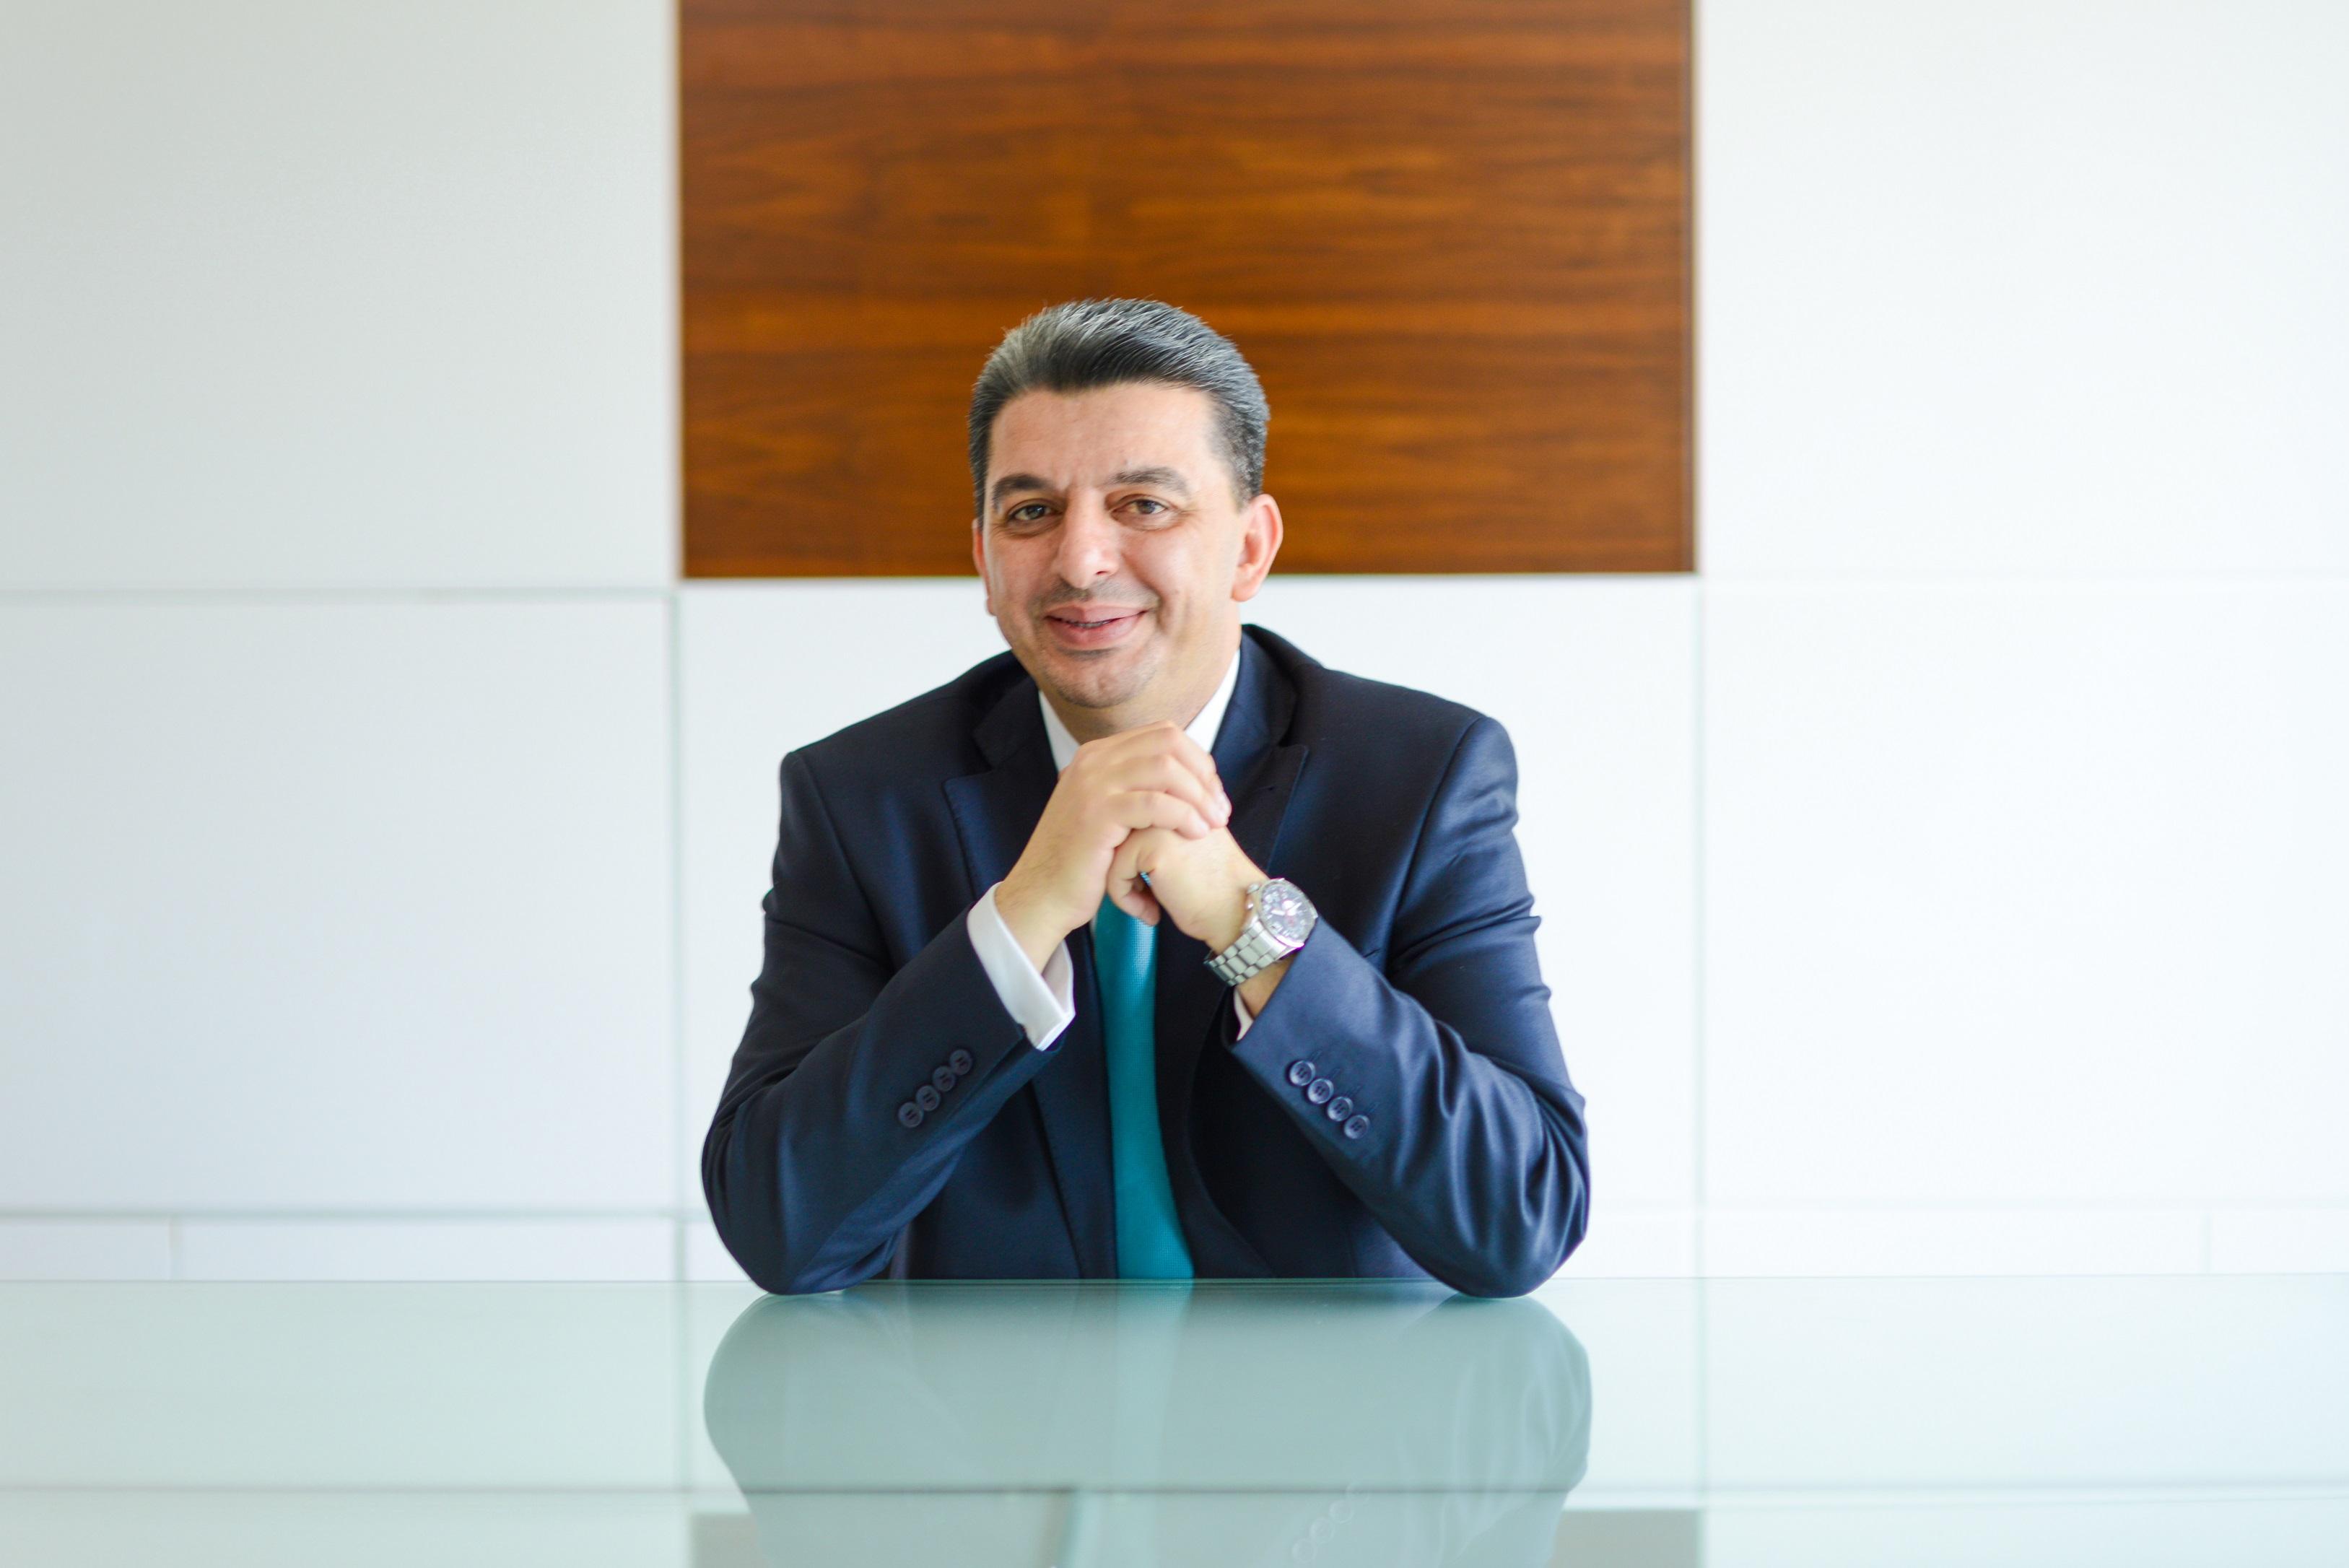 Suhail Masri